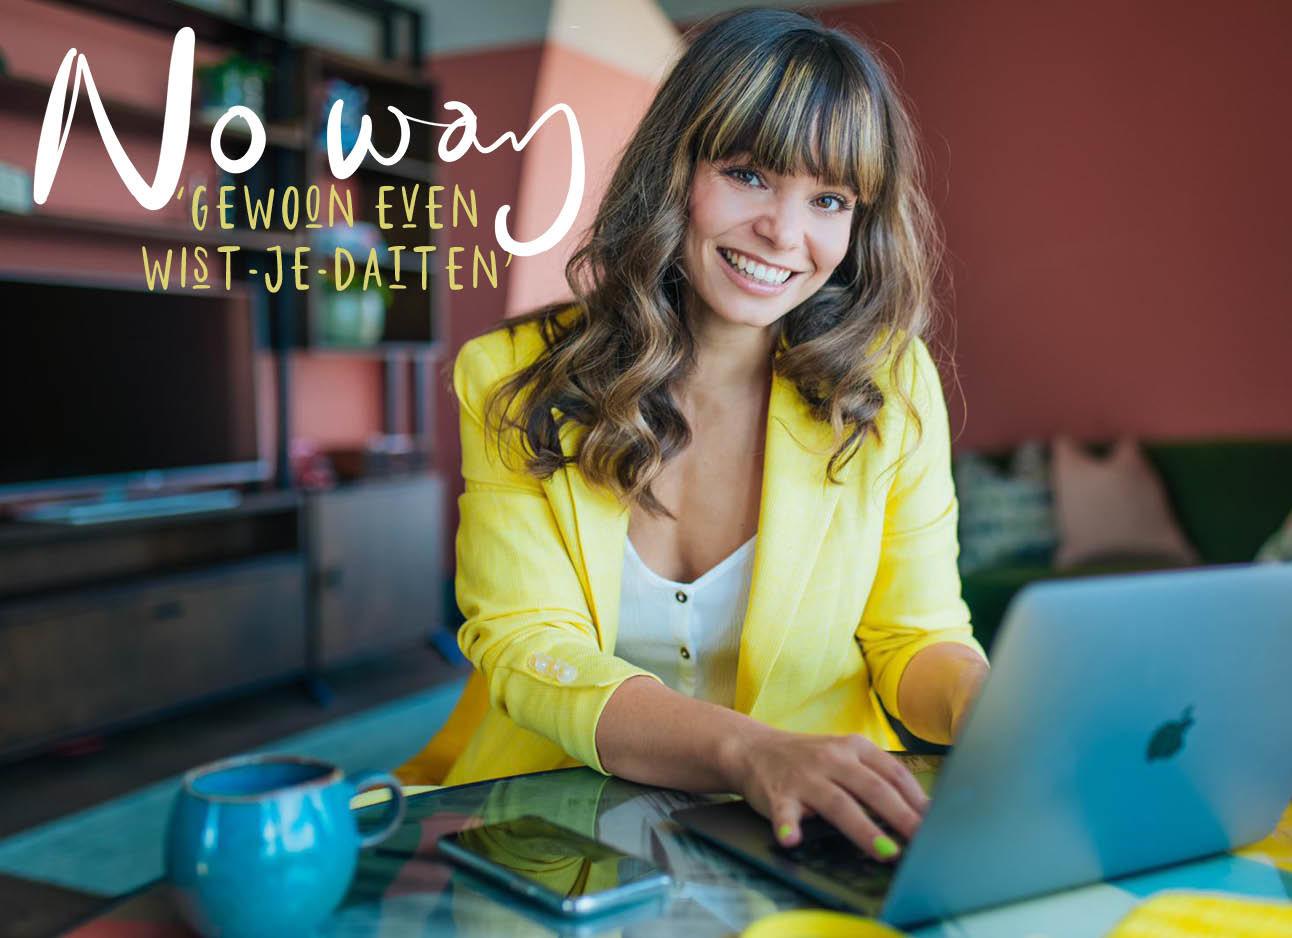 kiki achter haar laptop lachend in een geel jasje